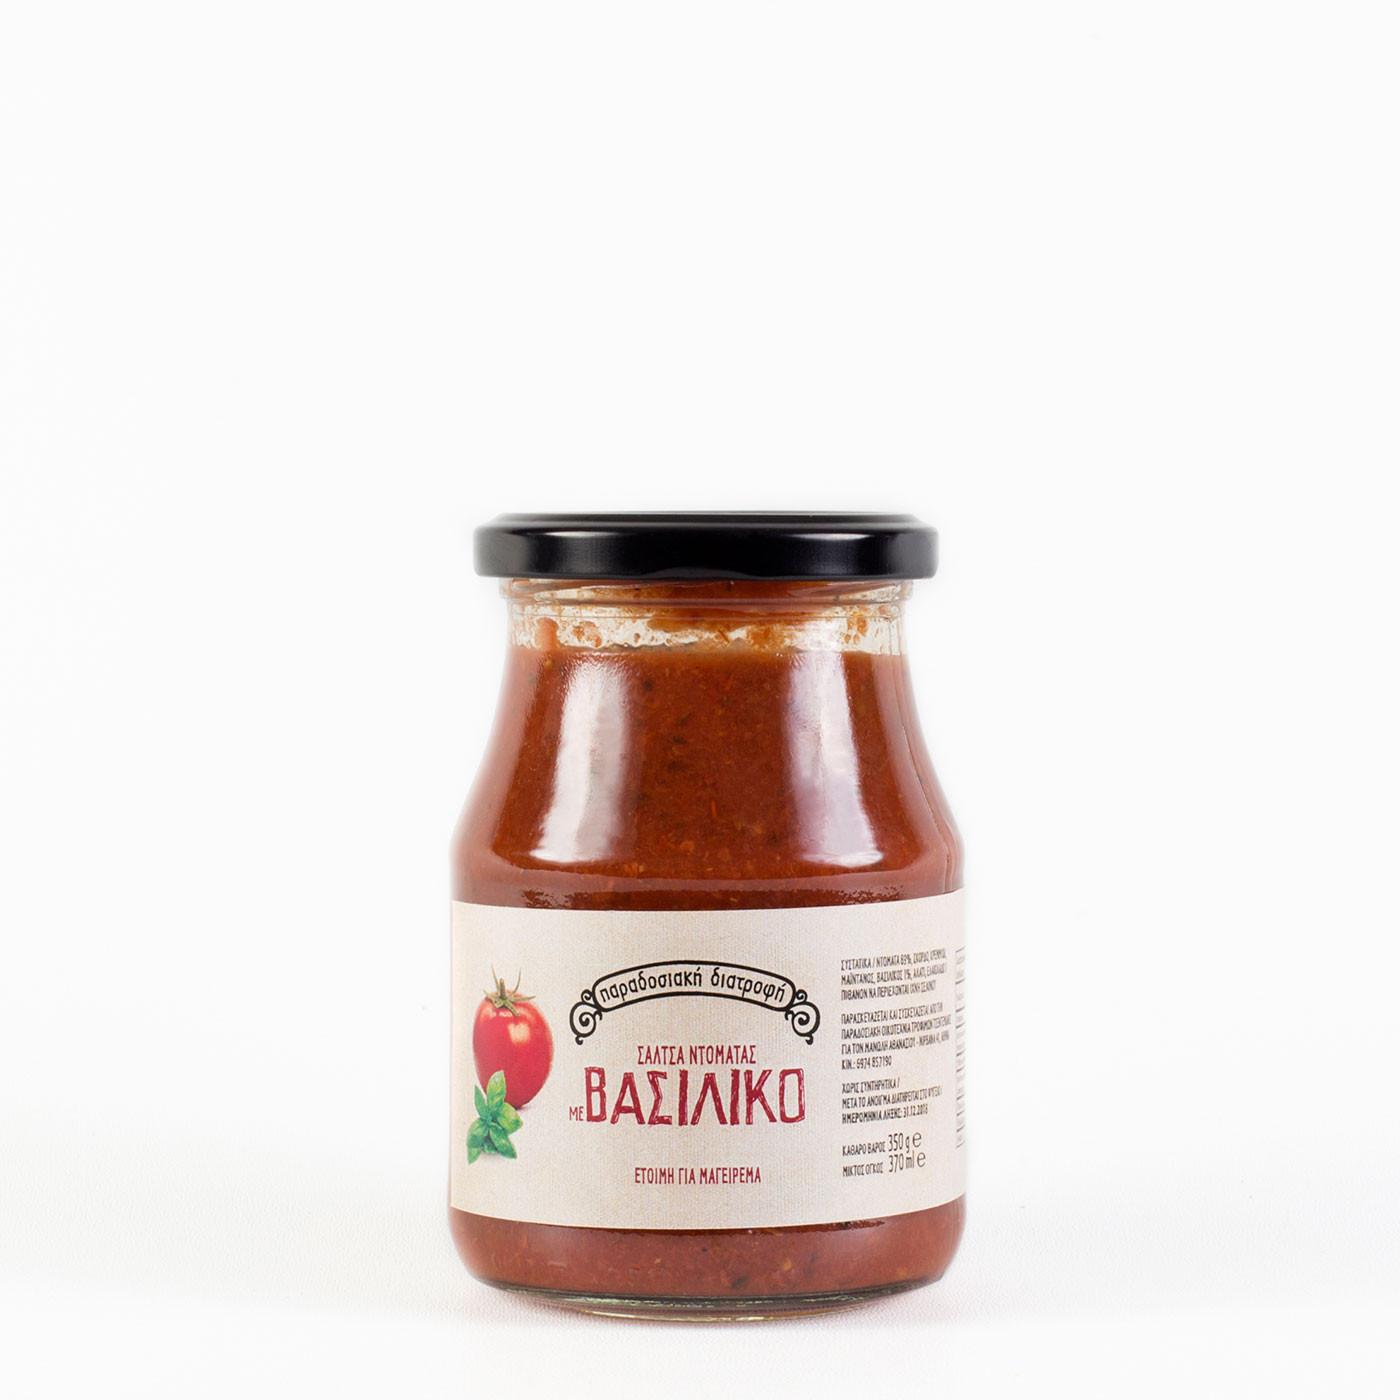 """Σάλτσα Ντομάτας με βασιλικό """"παραδοσιακή διατροφή"""" 350 g."""